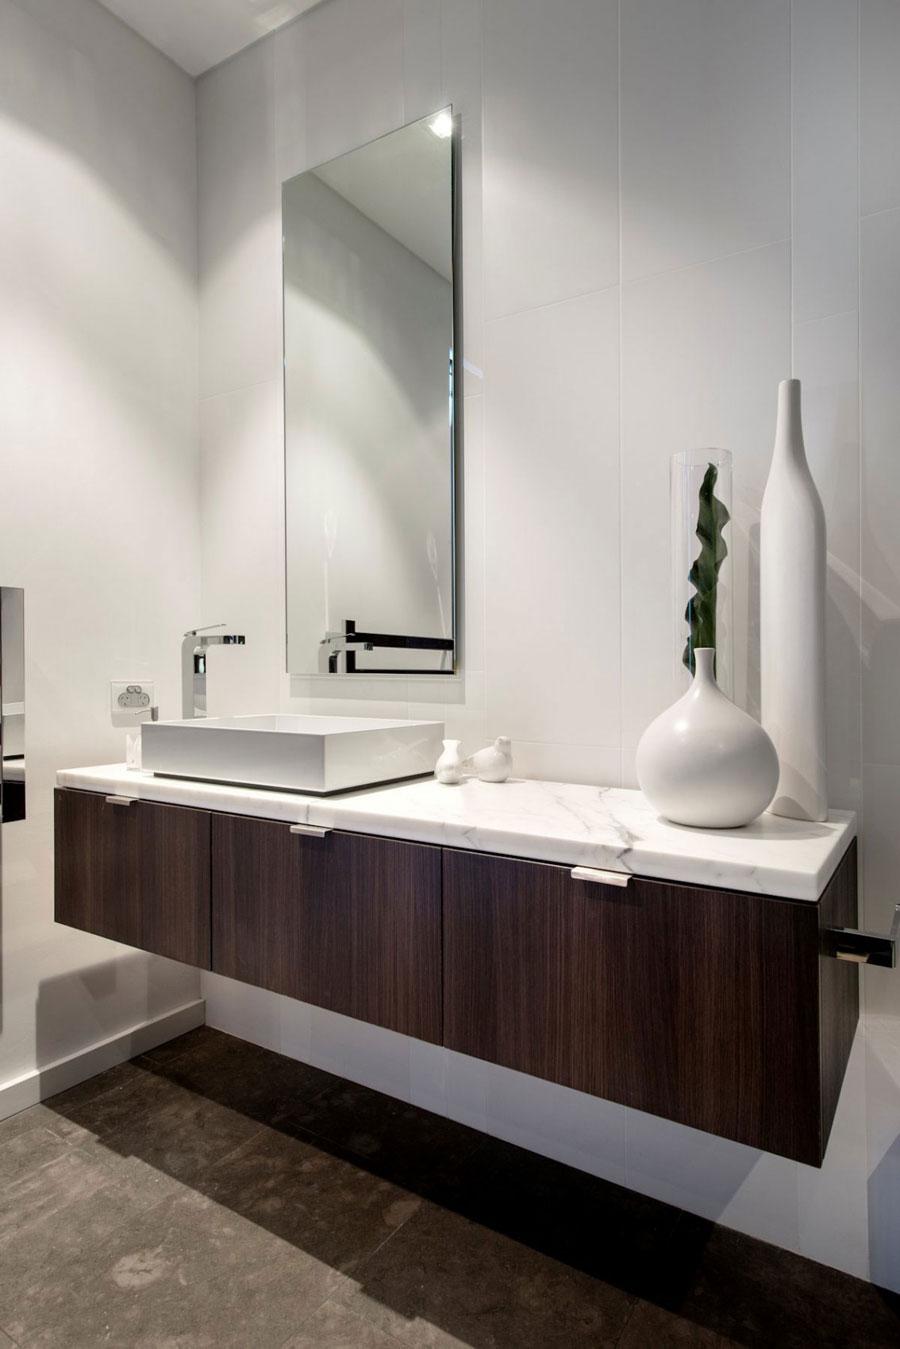 12 Ett elegant och modernt hem i Australien designat av Urbane Projects